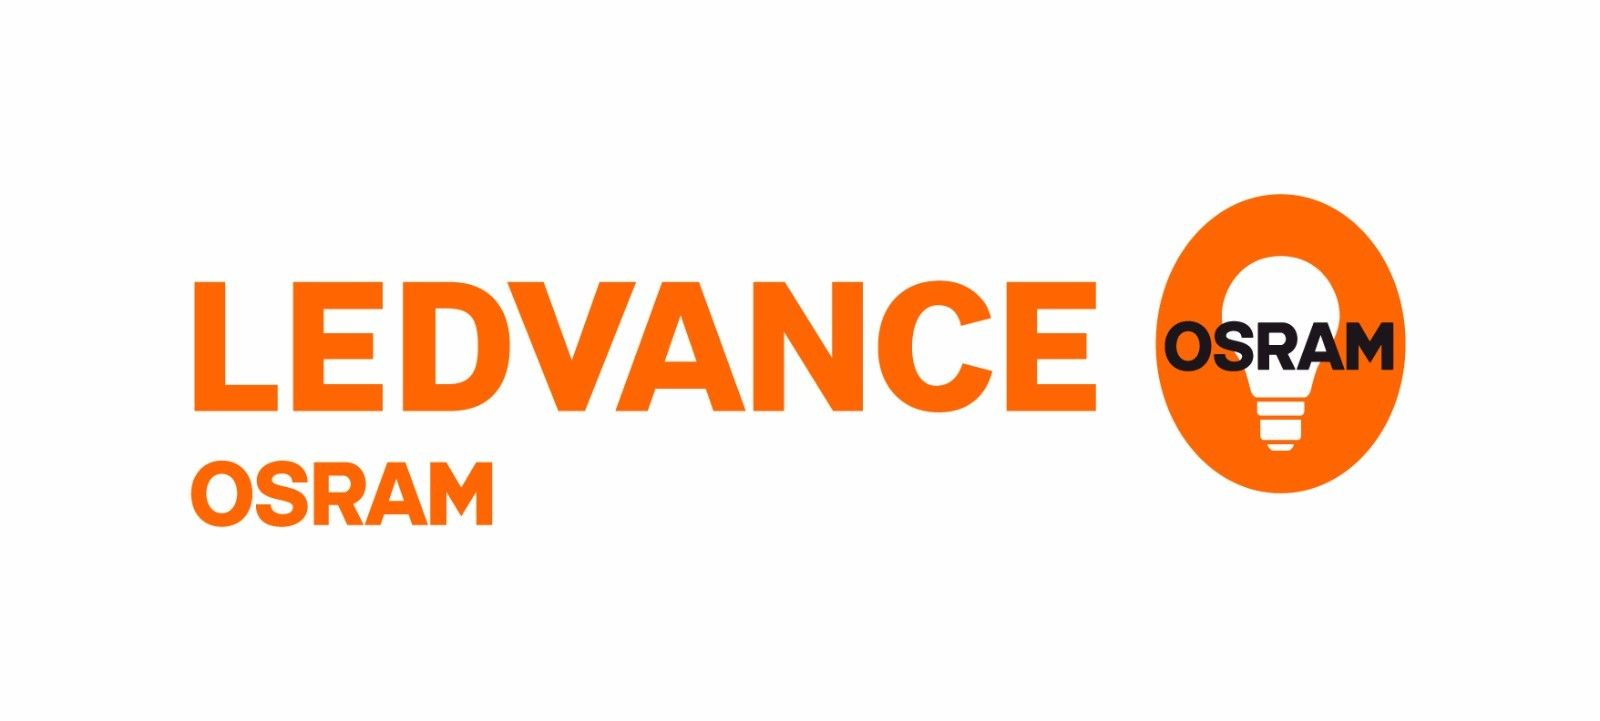 https://bilder.peters-living.de/logos-hersteller/ledvance-osram-logo.jpg